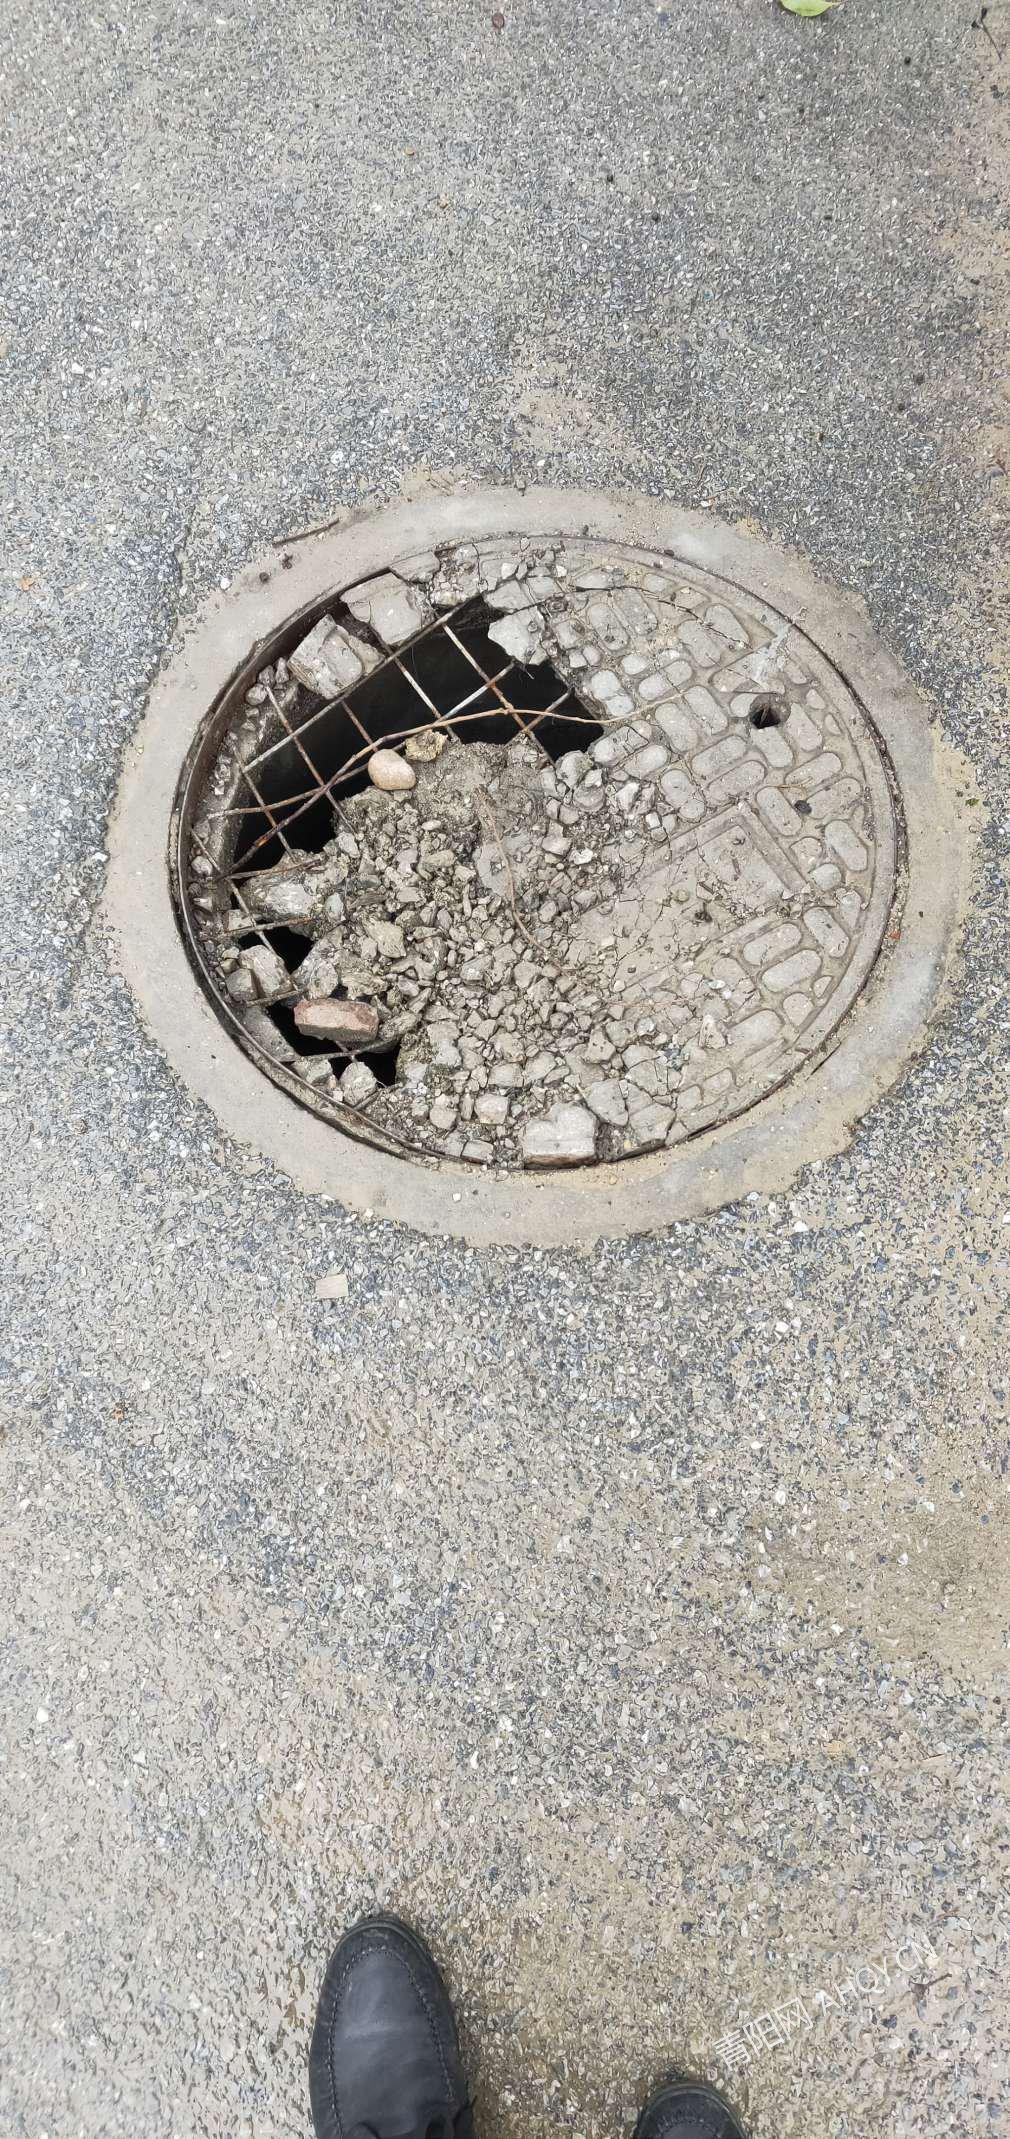 天台路100米内两个井盖都坏掉,安全隐患极大有没有市政部门管下这件